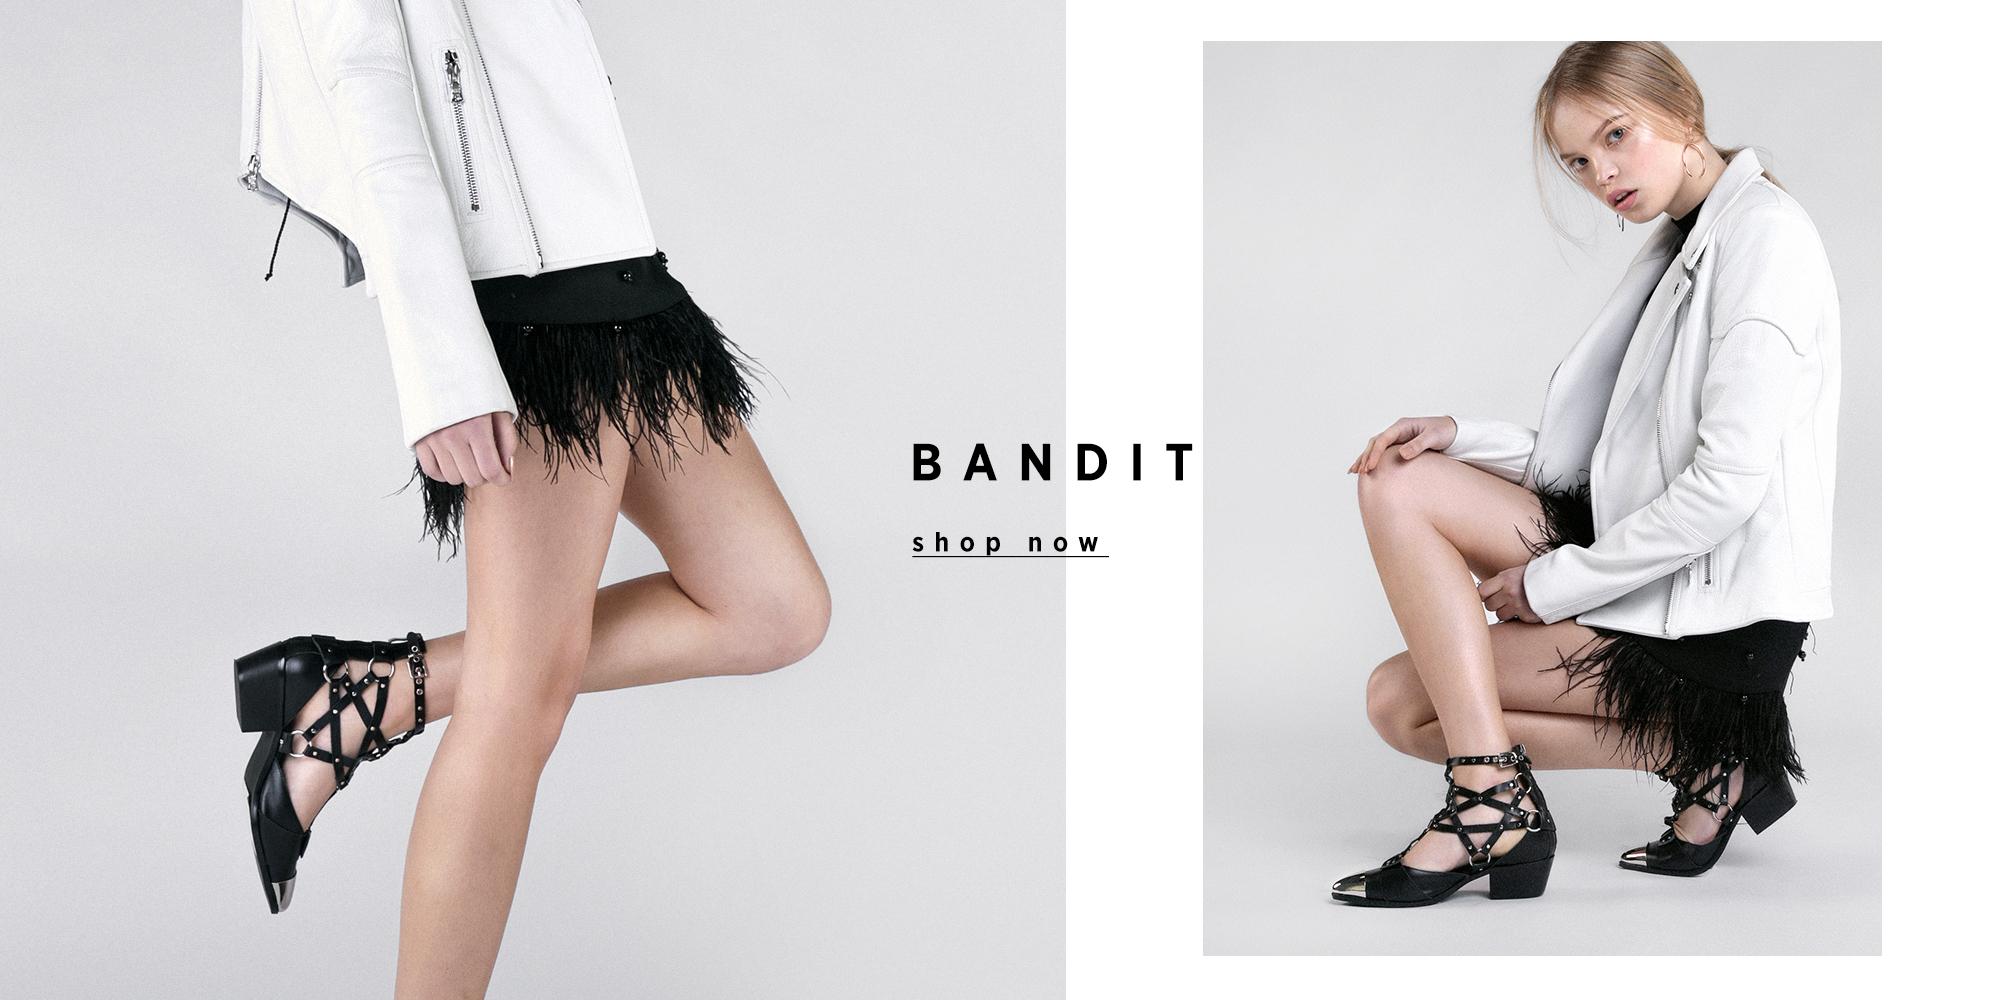 bandit_homepage.jpg